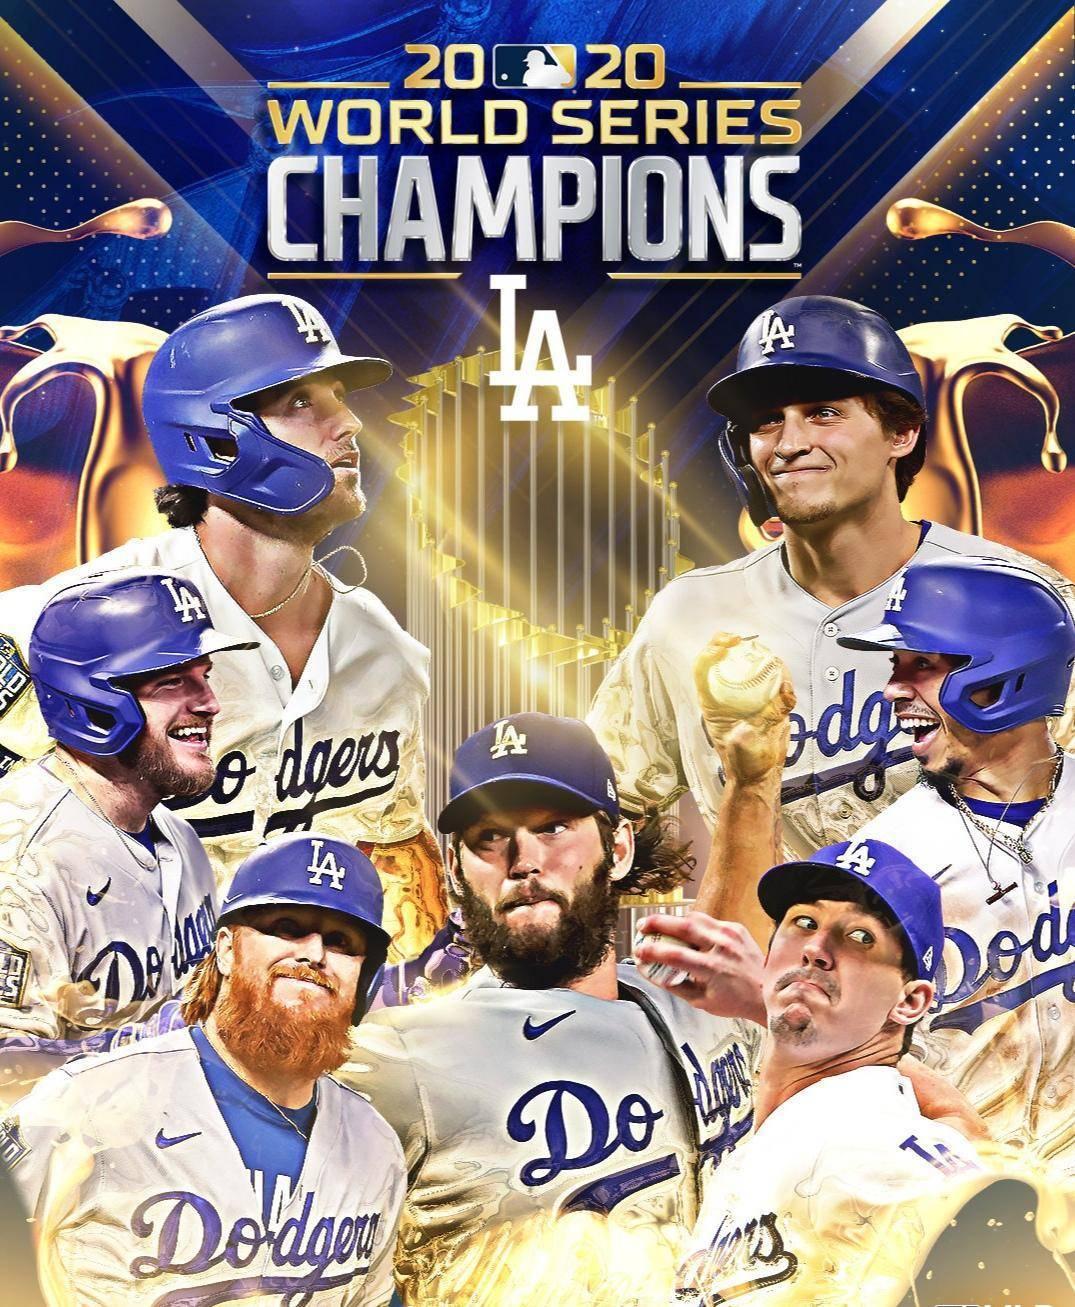 洛杉矶成双冠之城!道奇问鼎MLB世界大赛冠军 湖人官推发文祝贺